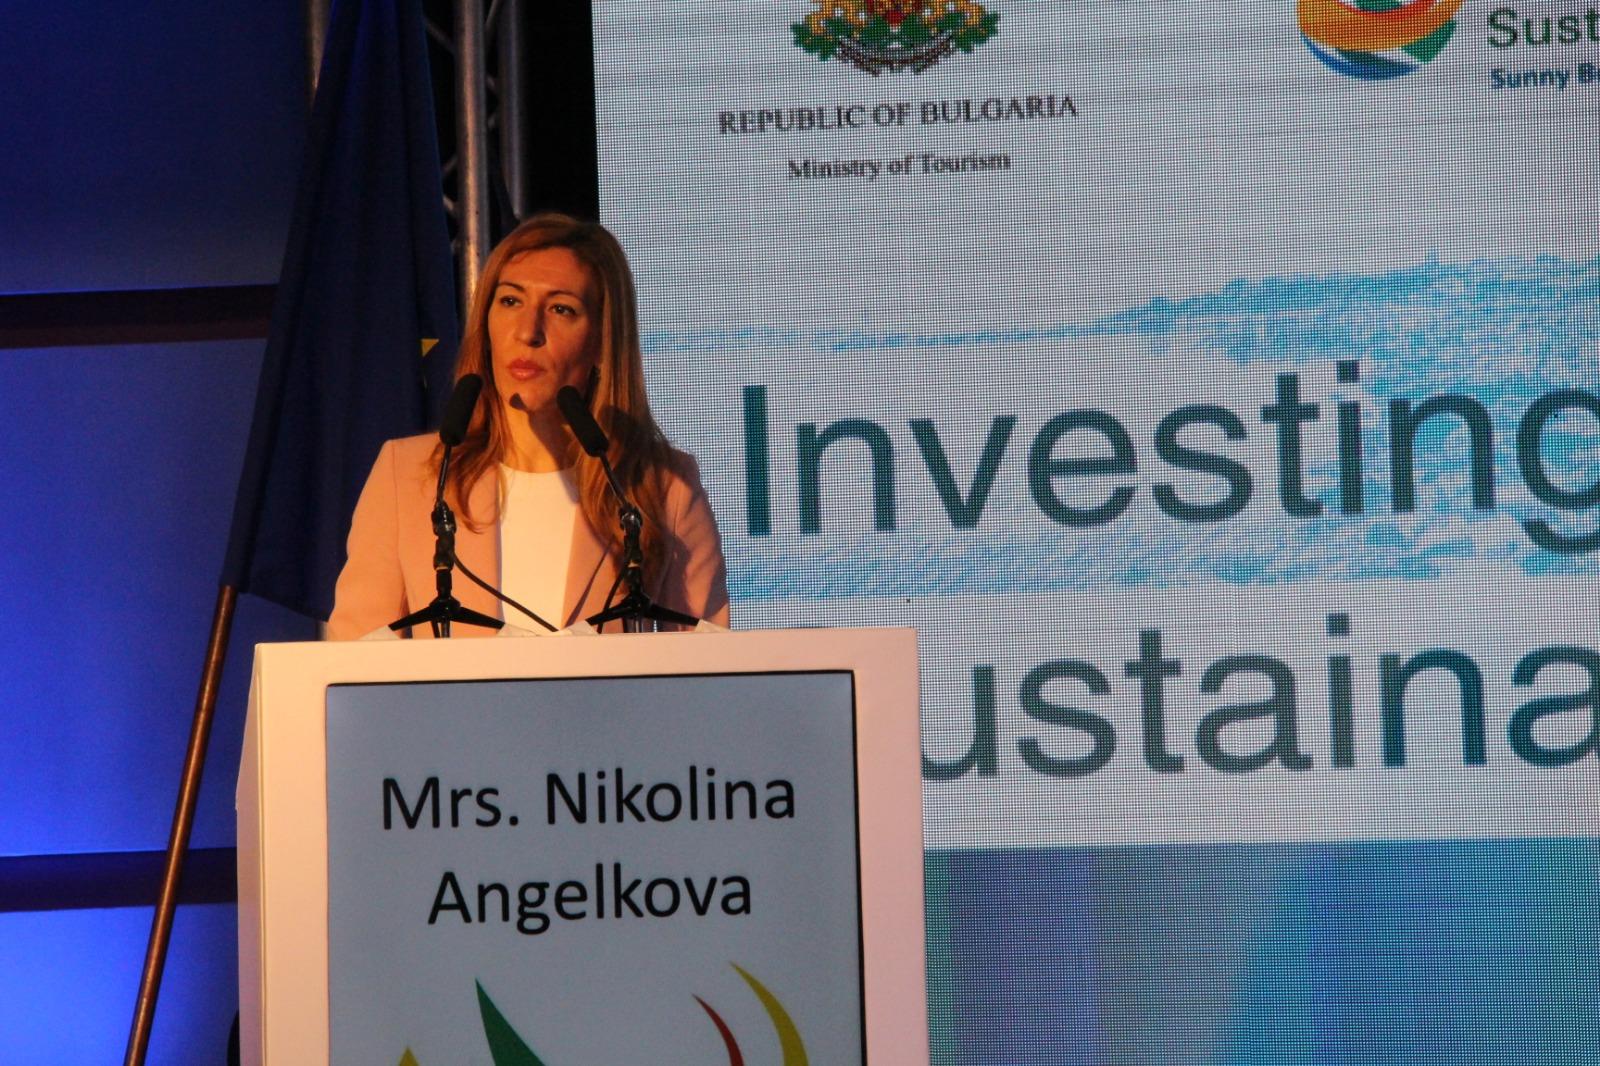 Ангелкова на форум в Слънчев бряг: България може да привлече инвеститорски интерес към Югоизточна Европа